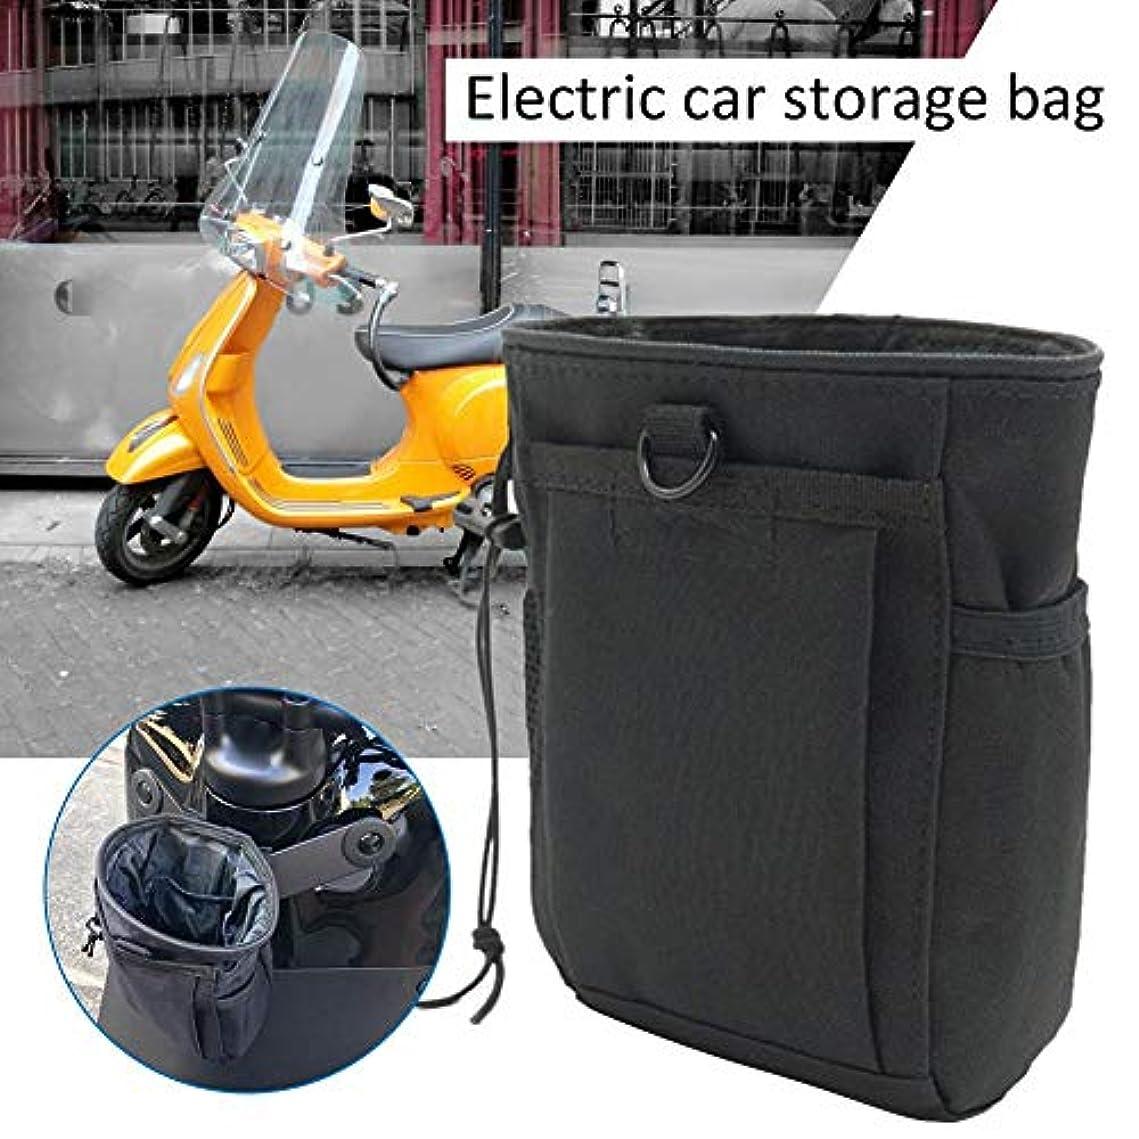 感覚積極的にあなたのもの電気自転車収納バッグ ストレージ収納箱 置物ケース ブラック ナイロン布 マルチポケットデザイン 140X90X180mm